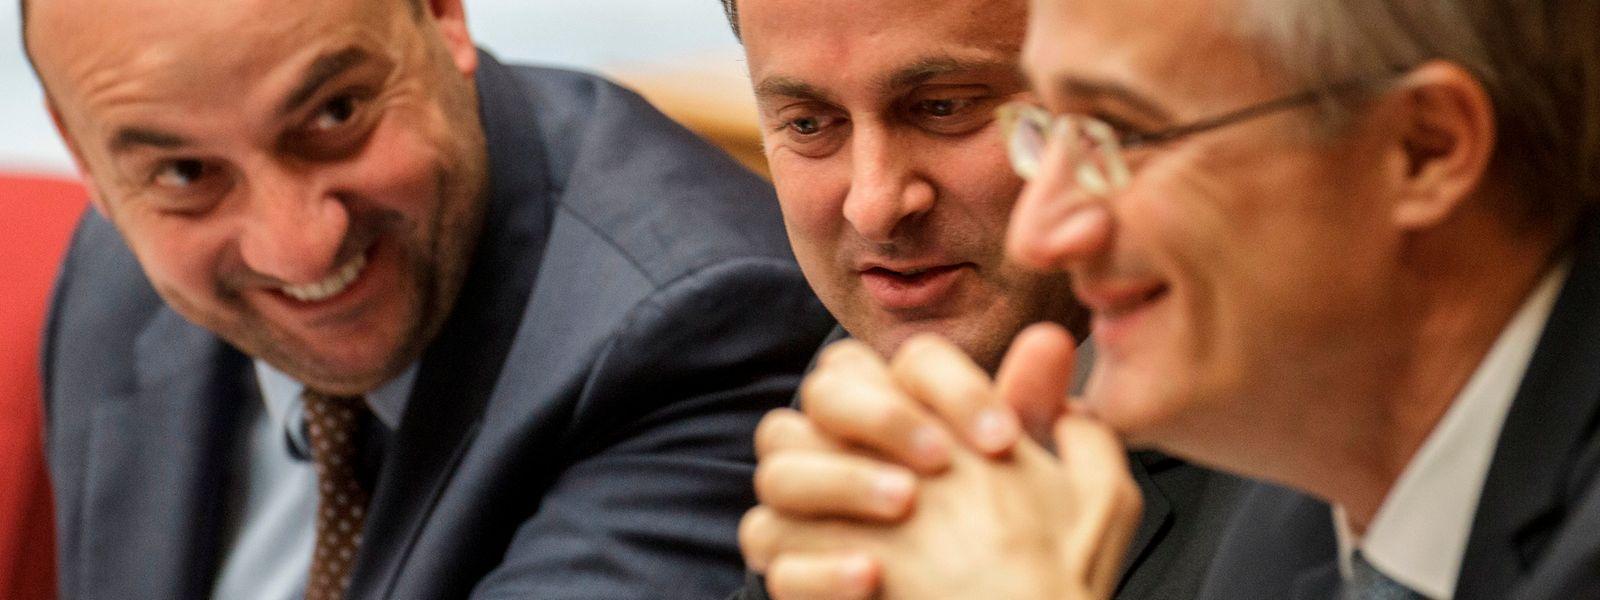 Den Machern der ersten Dreierkoalition, Etienne Schneider (l.), Xavier Bettel (M.) und Félix Braz, dürfte das Lachen nach Bekanntgabe der Europawahlergebnisse von 2014 vergangen sein.